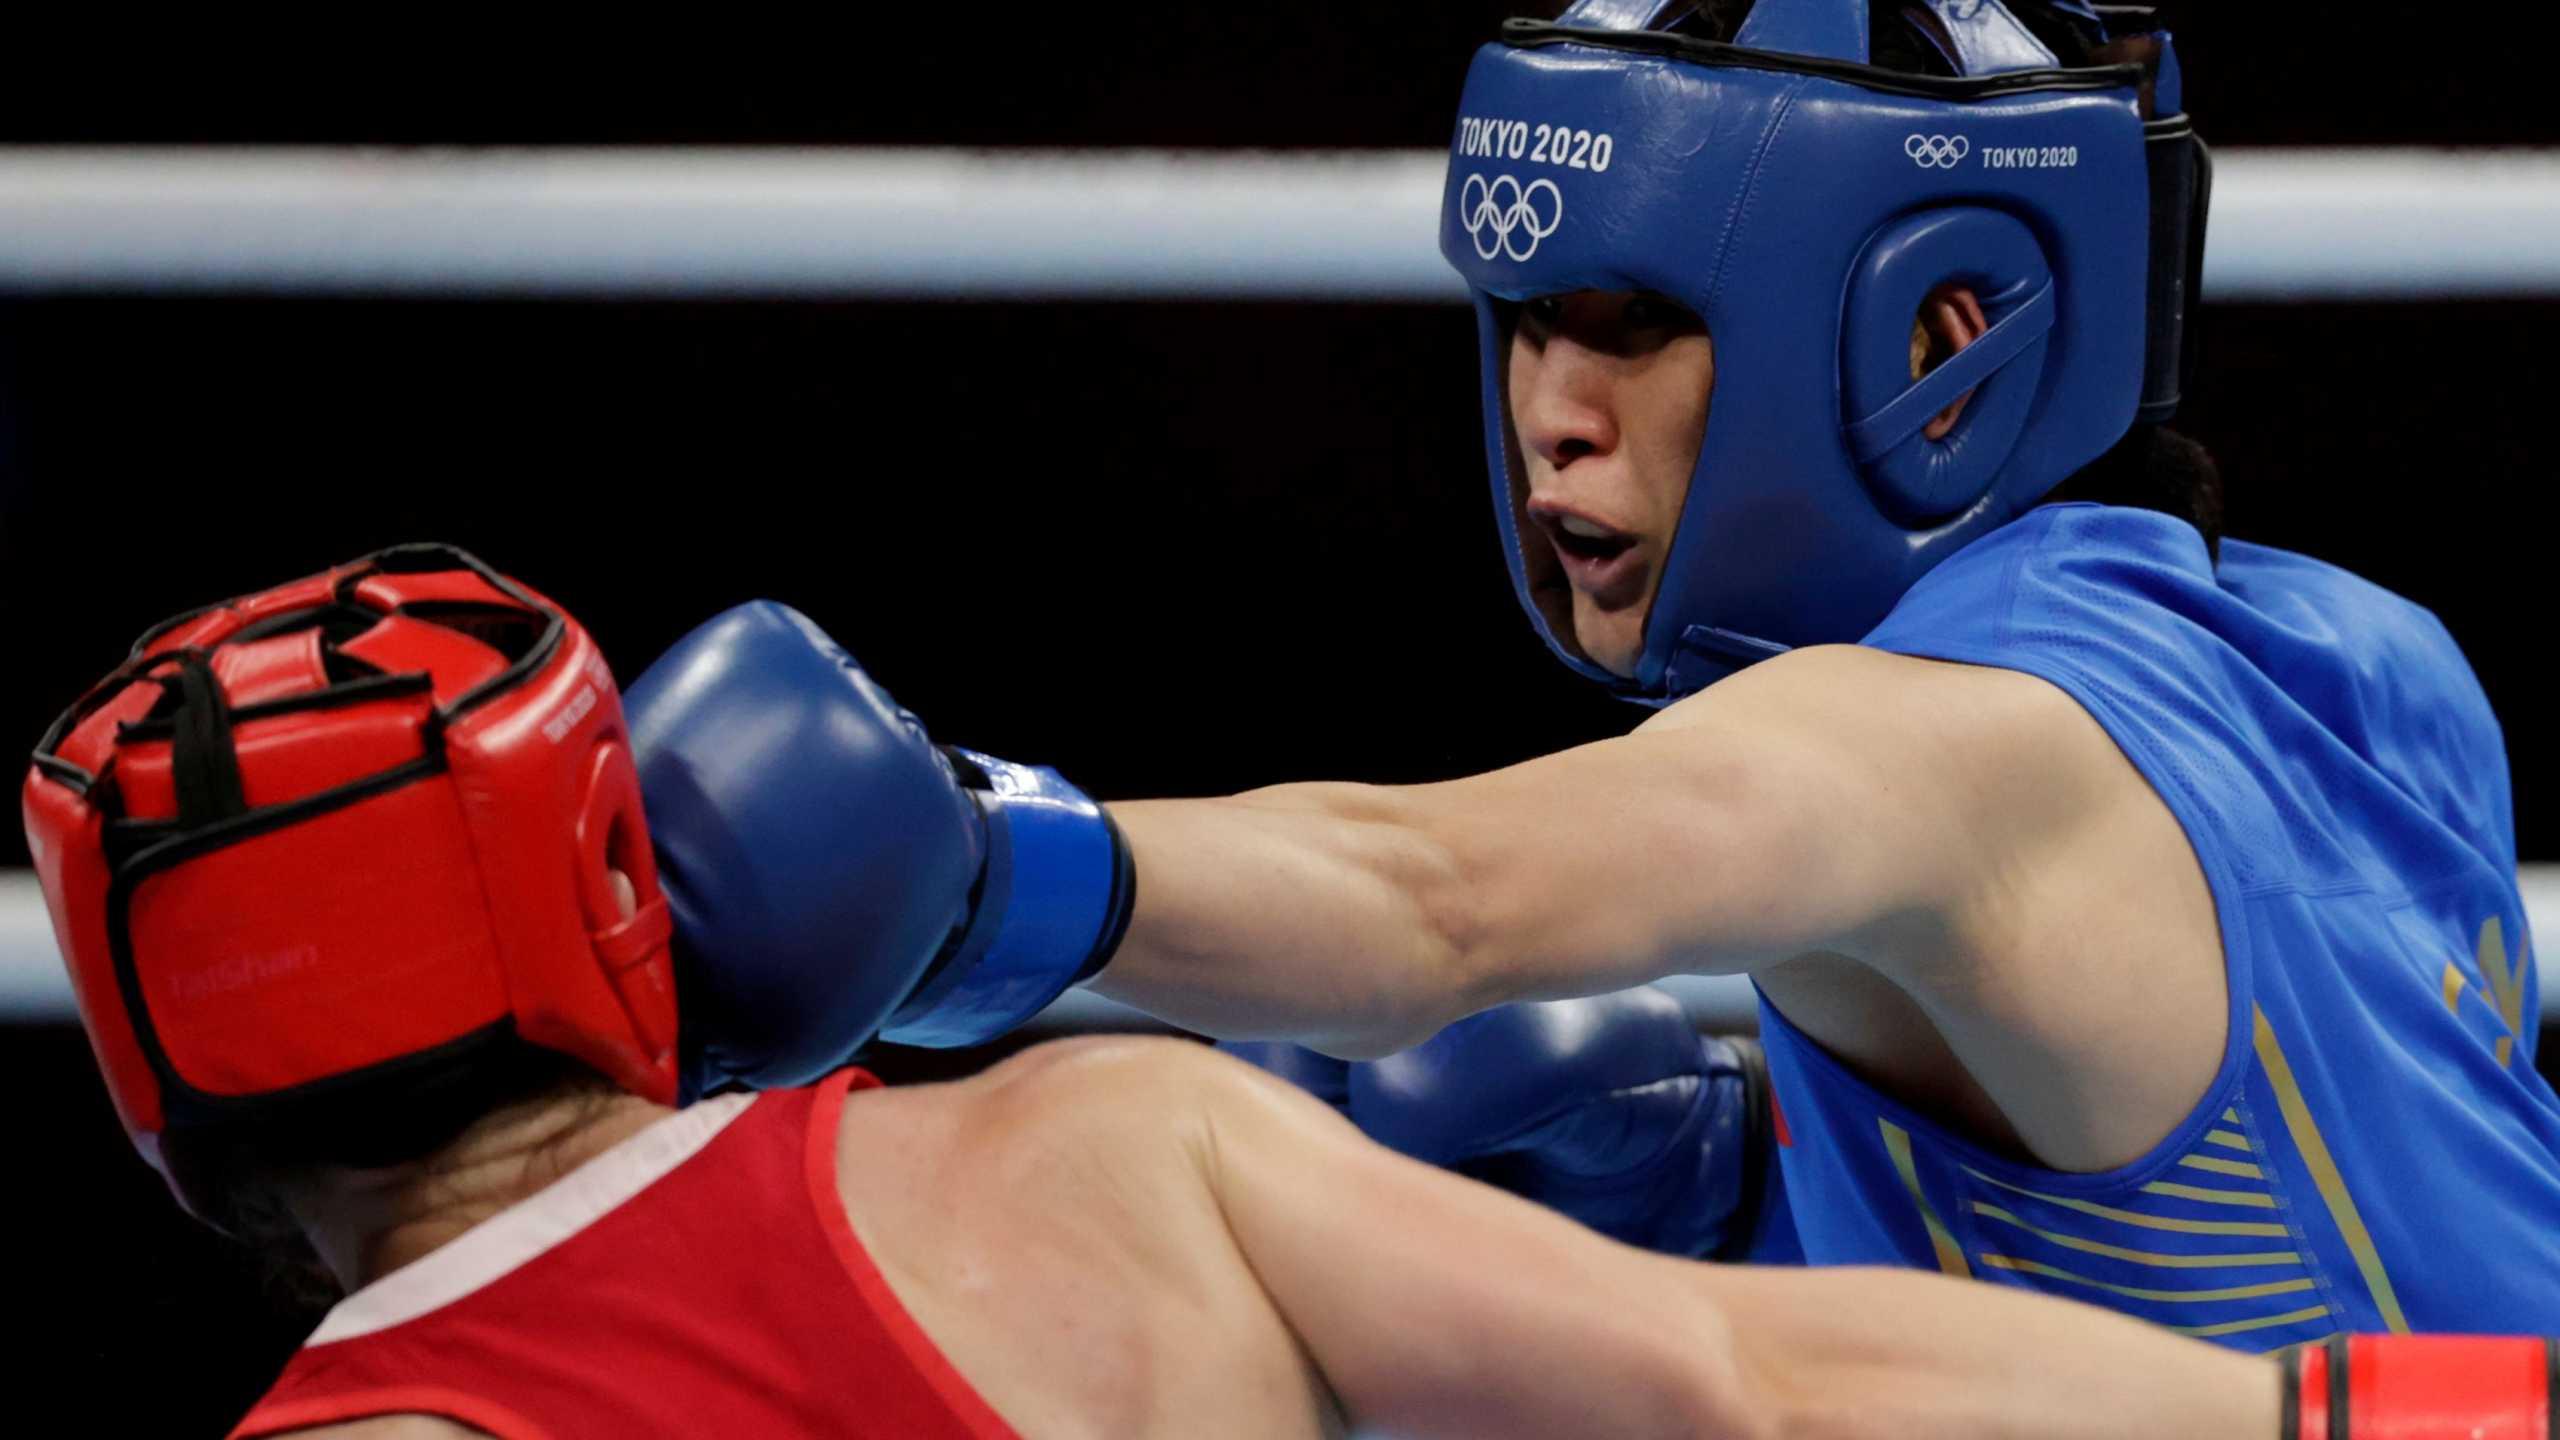 Ολυμπιακοί Αγώνες: Κυρίαρχος ο «χρυσός» Άντι Κρουζ στην πυγμαχία – Η Αμερικανίδα Χάρινγκτον το χρυσό στις γυναίκες